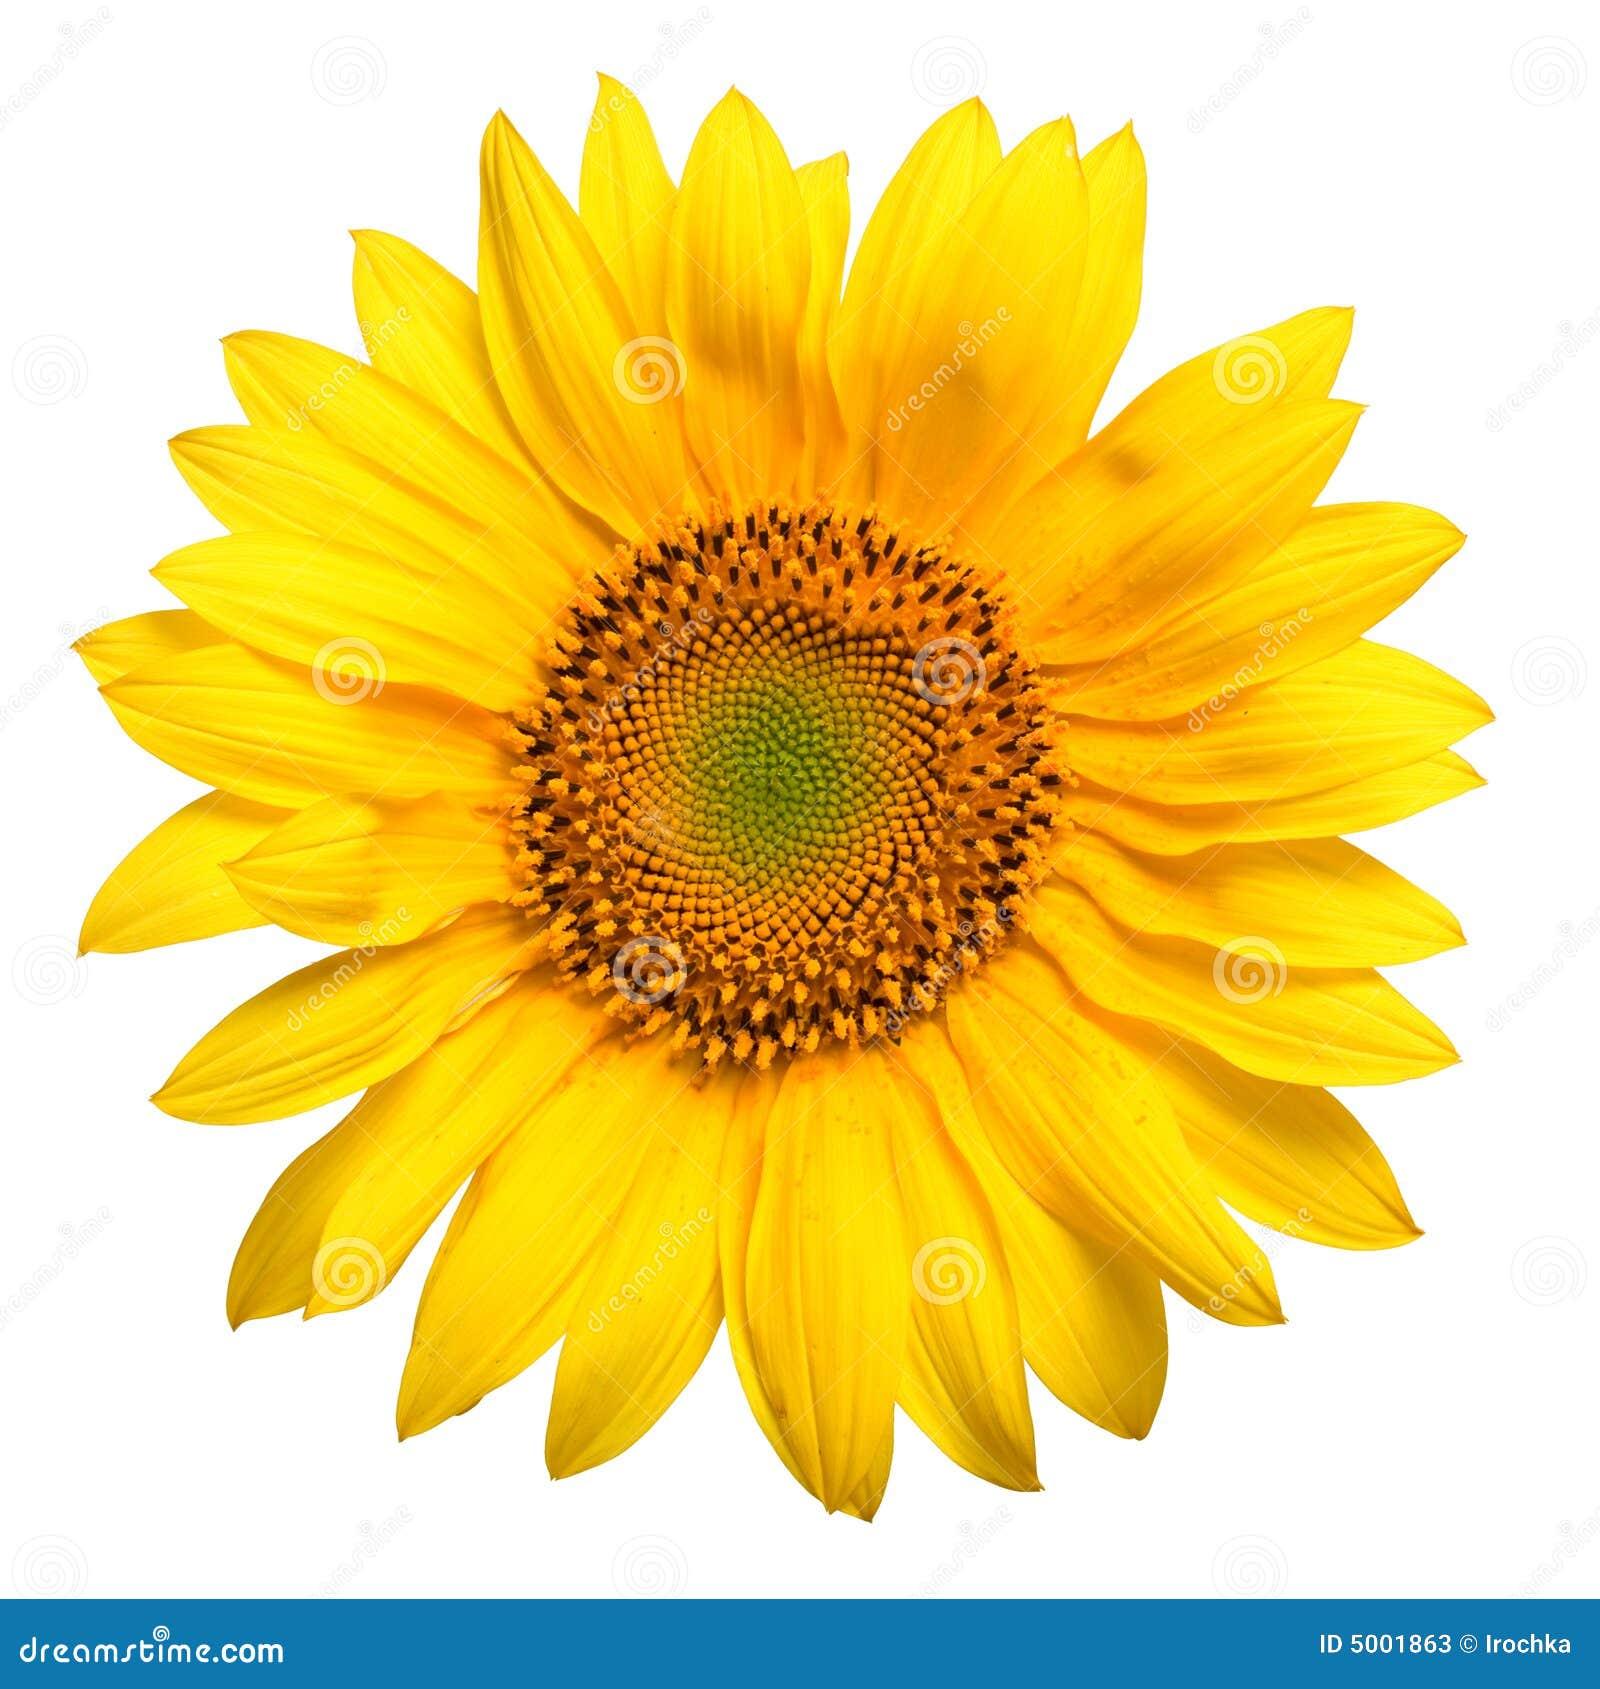 Flower Photography Girassol Amarelo Brilhante Imagem De Stock Imagem De